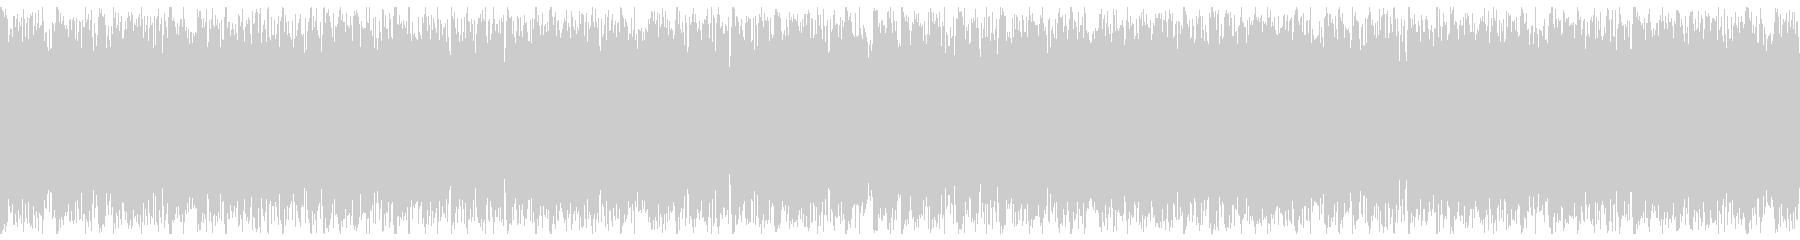 疾走感のあるSFの戦闘曲-ループ1の未再生の波形